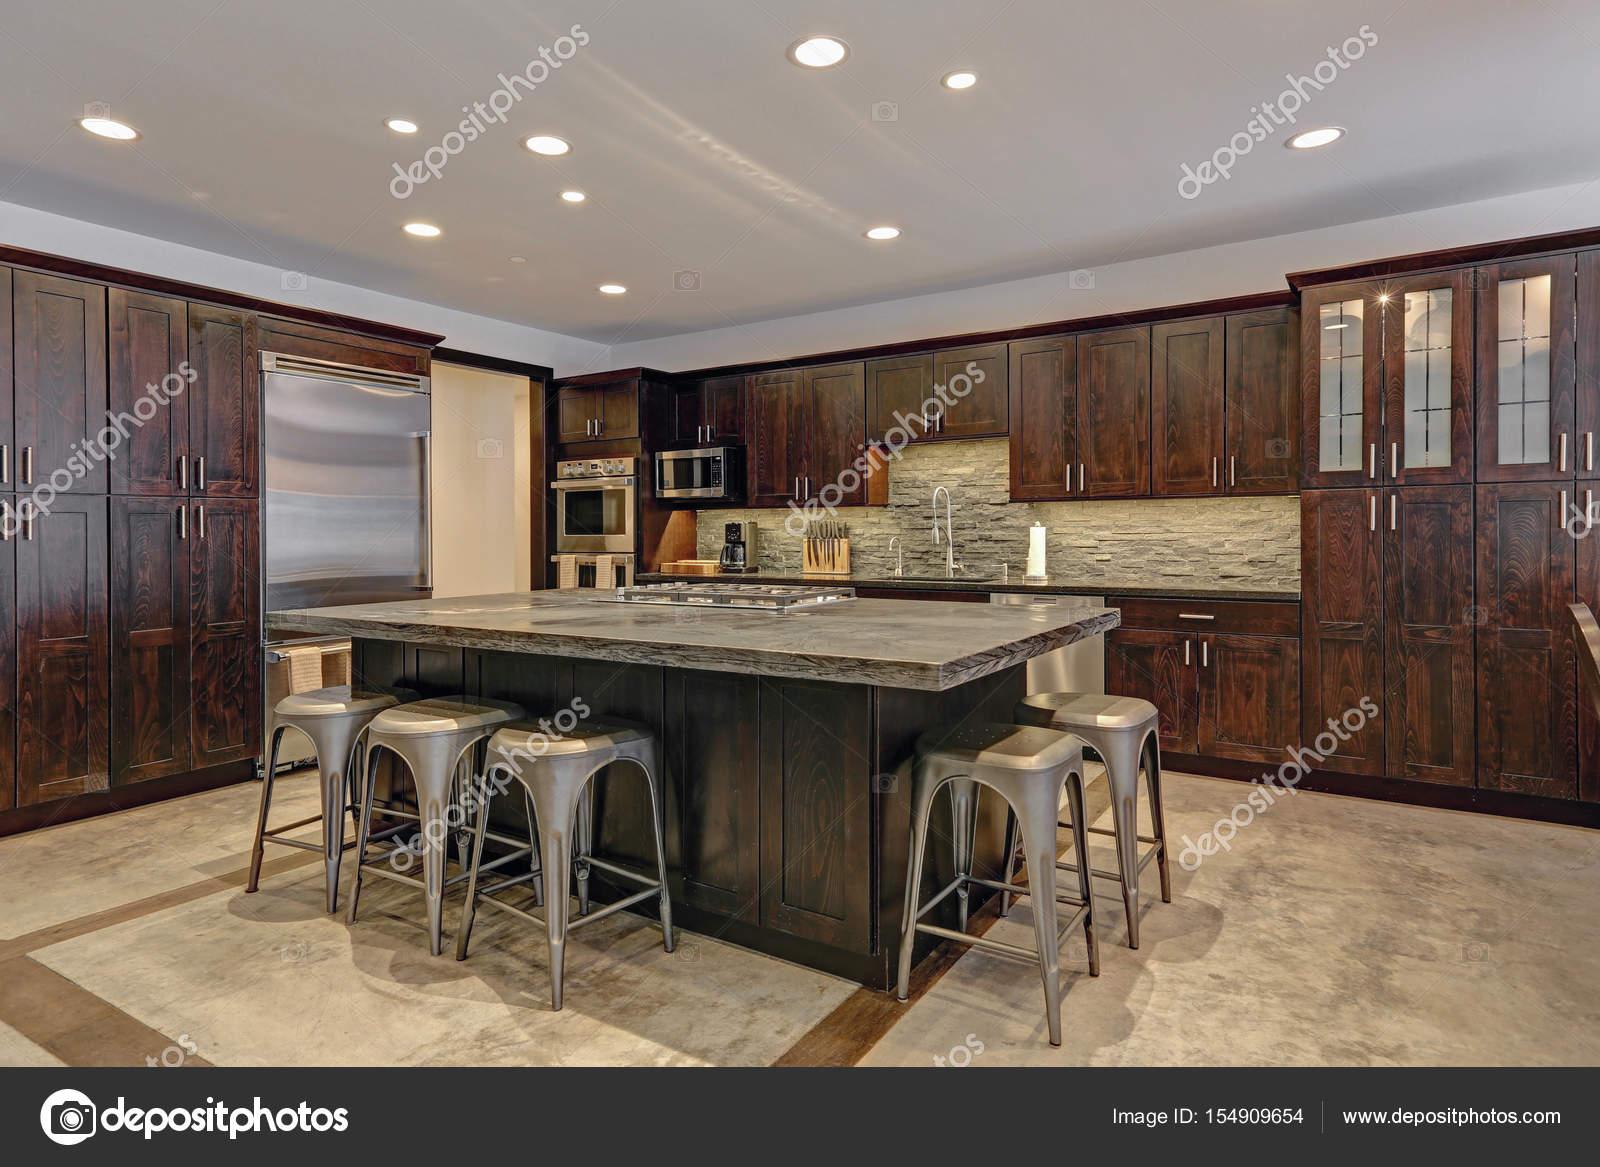 Diseño de cocina de planta abierta moderna en tonos grises — Foto de ...